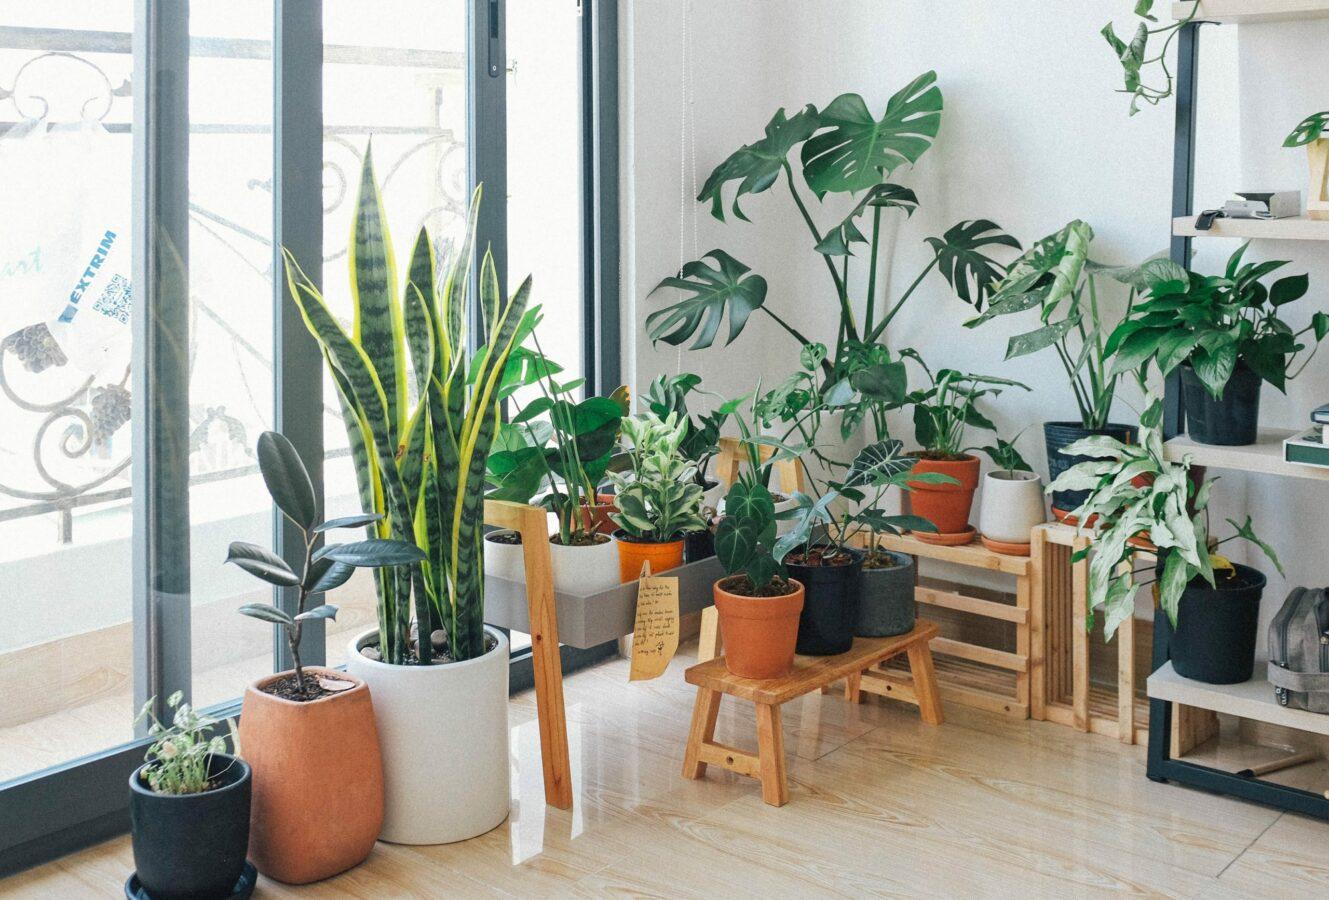 Les 5 plantes d'intérieur aux vertus médicinales !